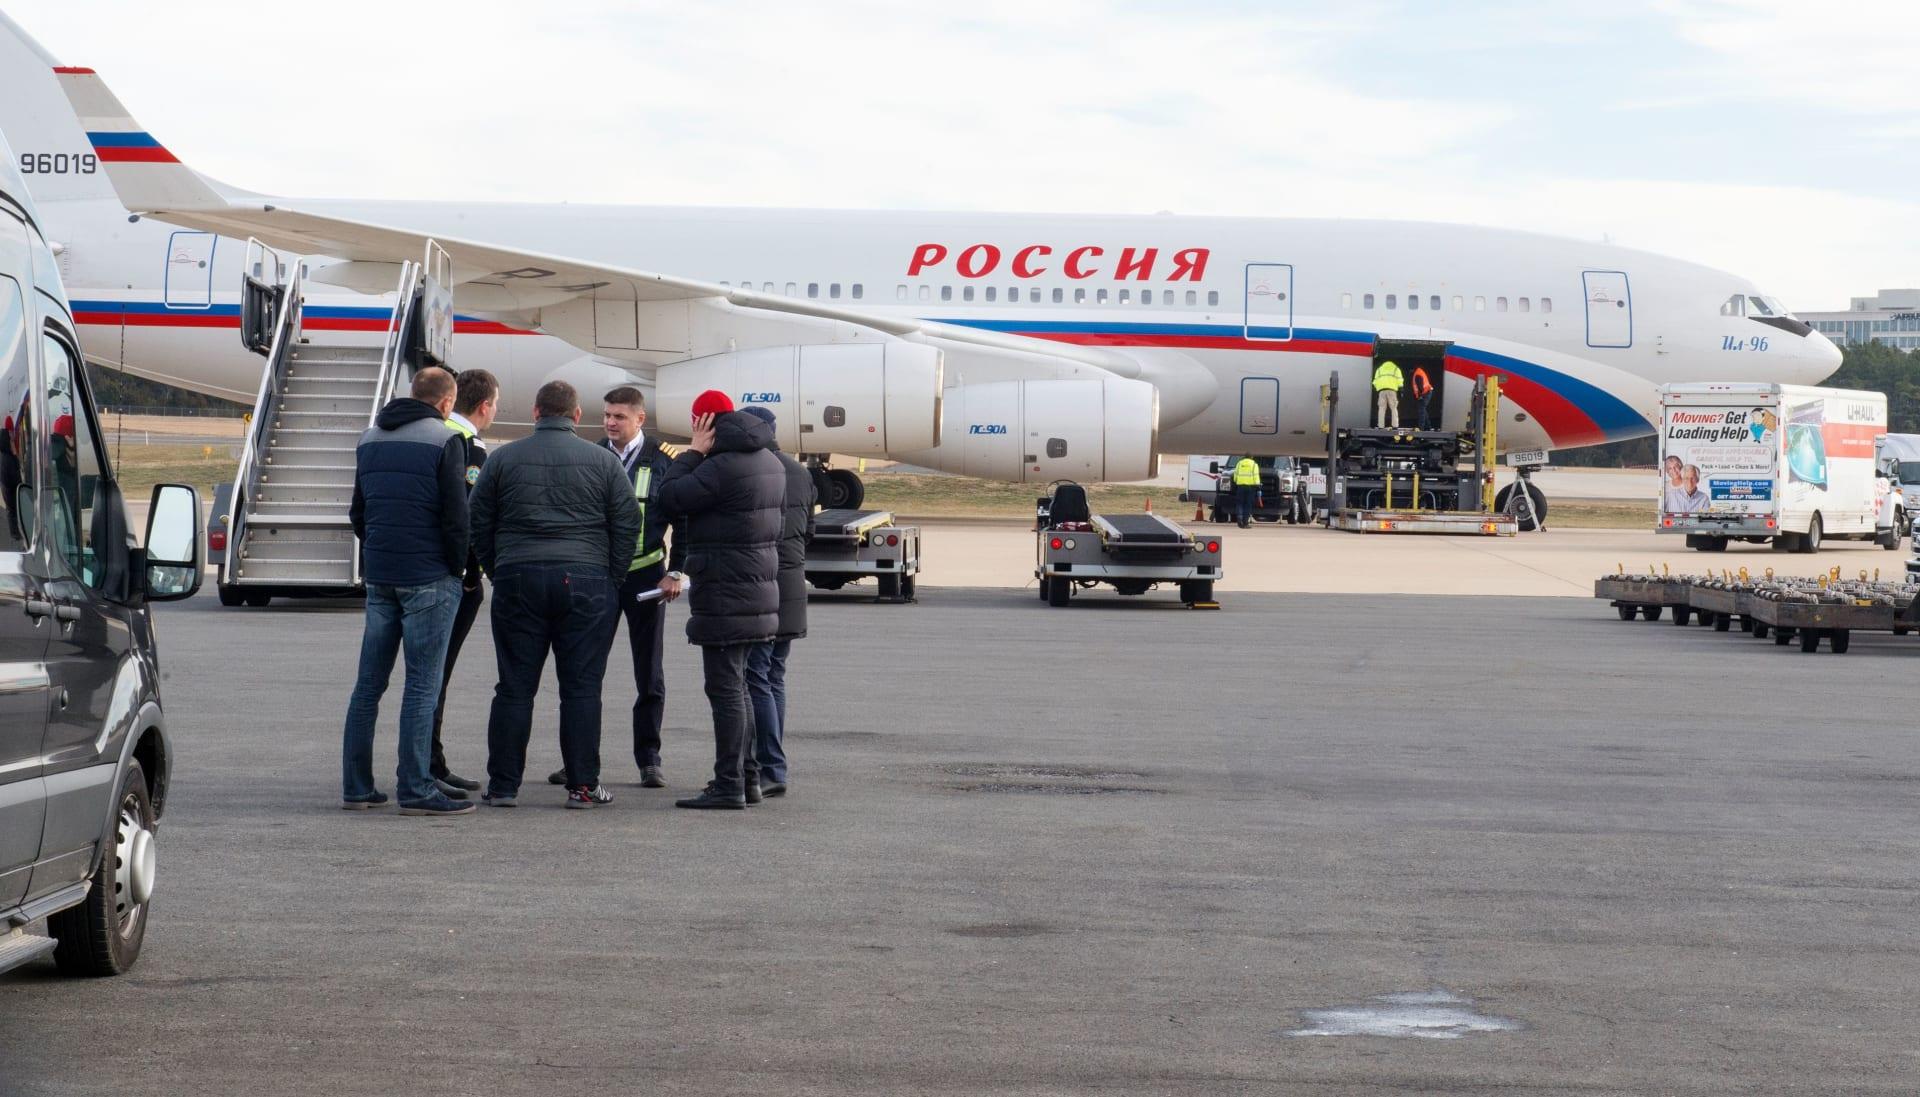 روسيا: إقلاع طائرة الدبلوماسيين المطرودين من واشنطن